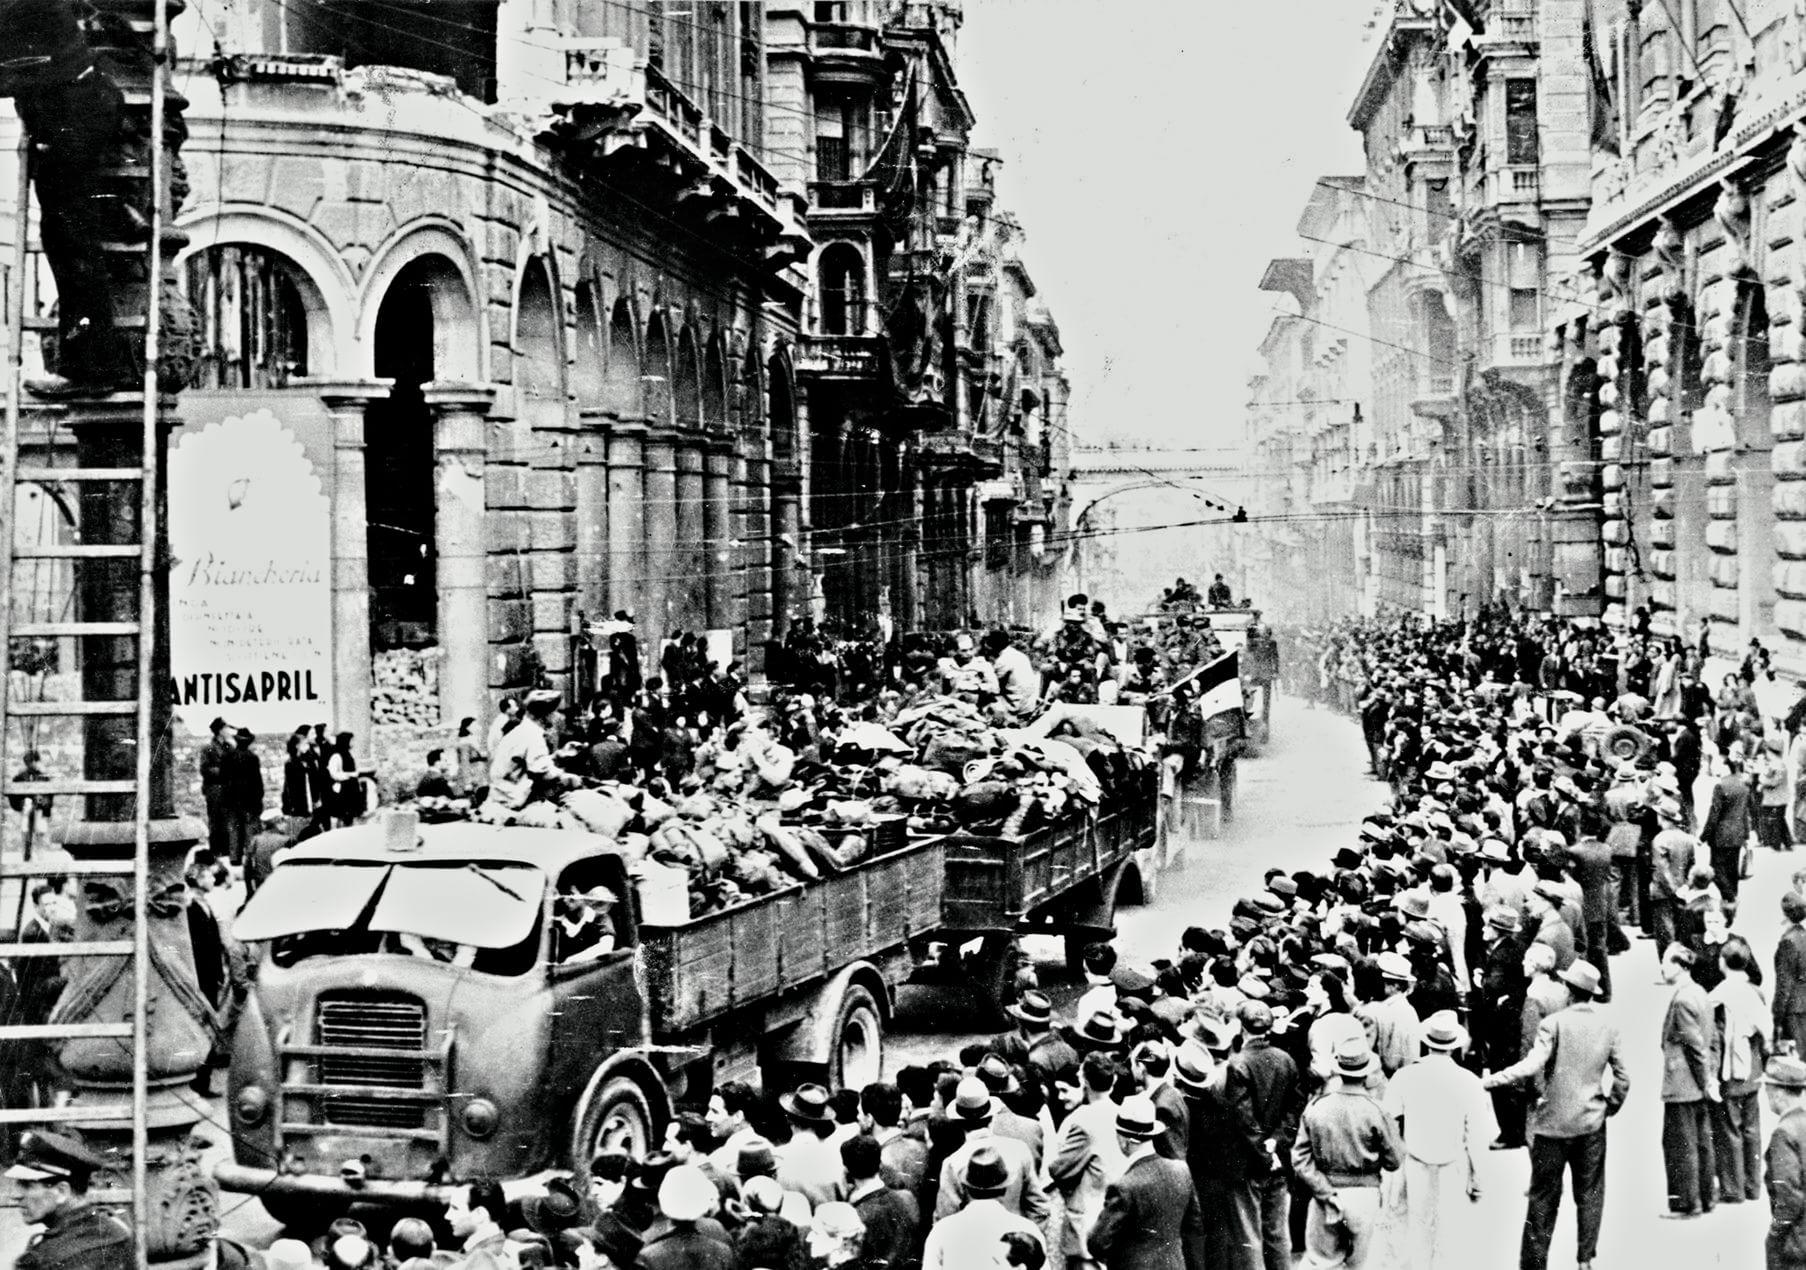 In via Caffaro l'arsenale rubato alle SS, un segreto durato oltre settant'anni